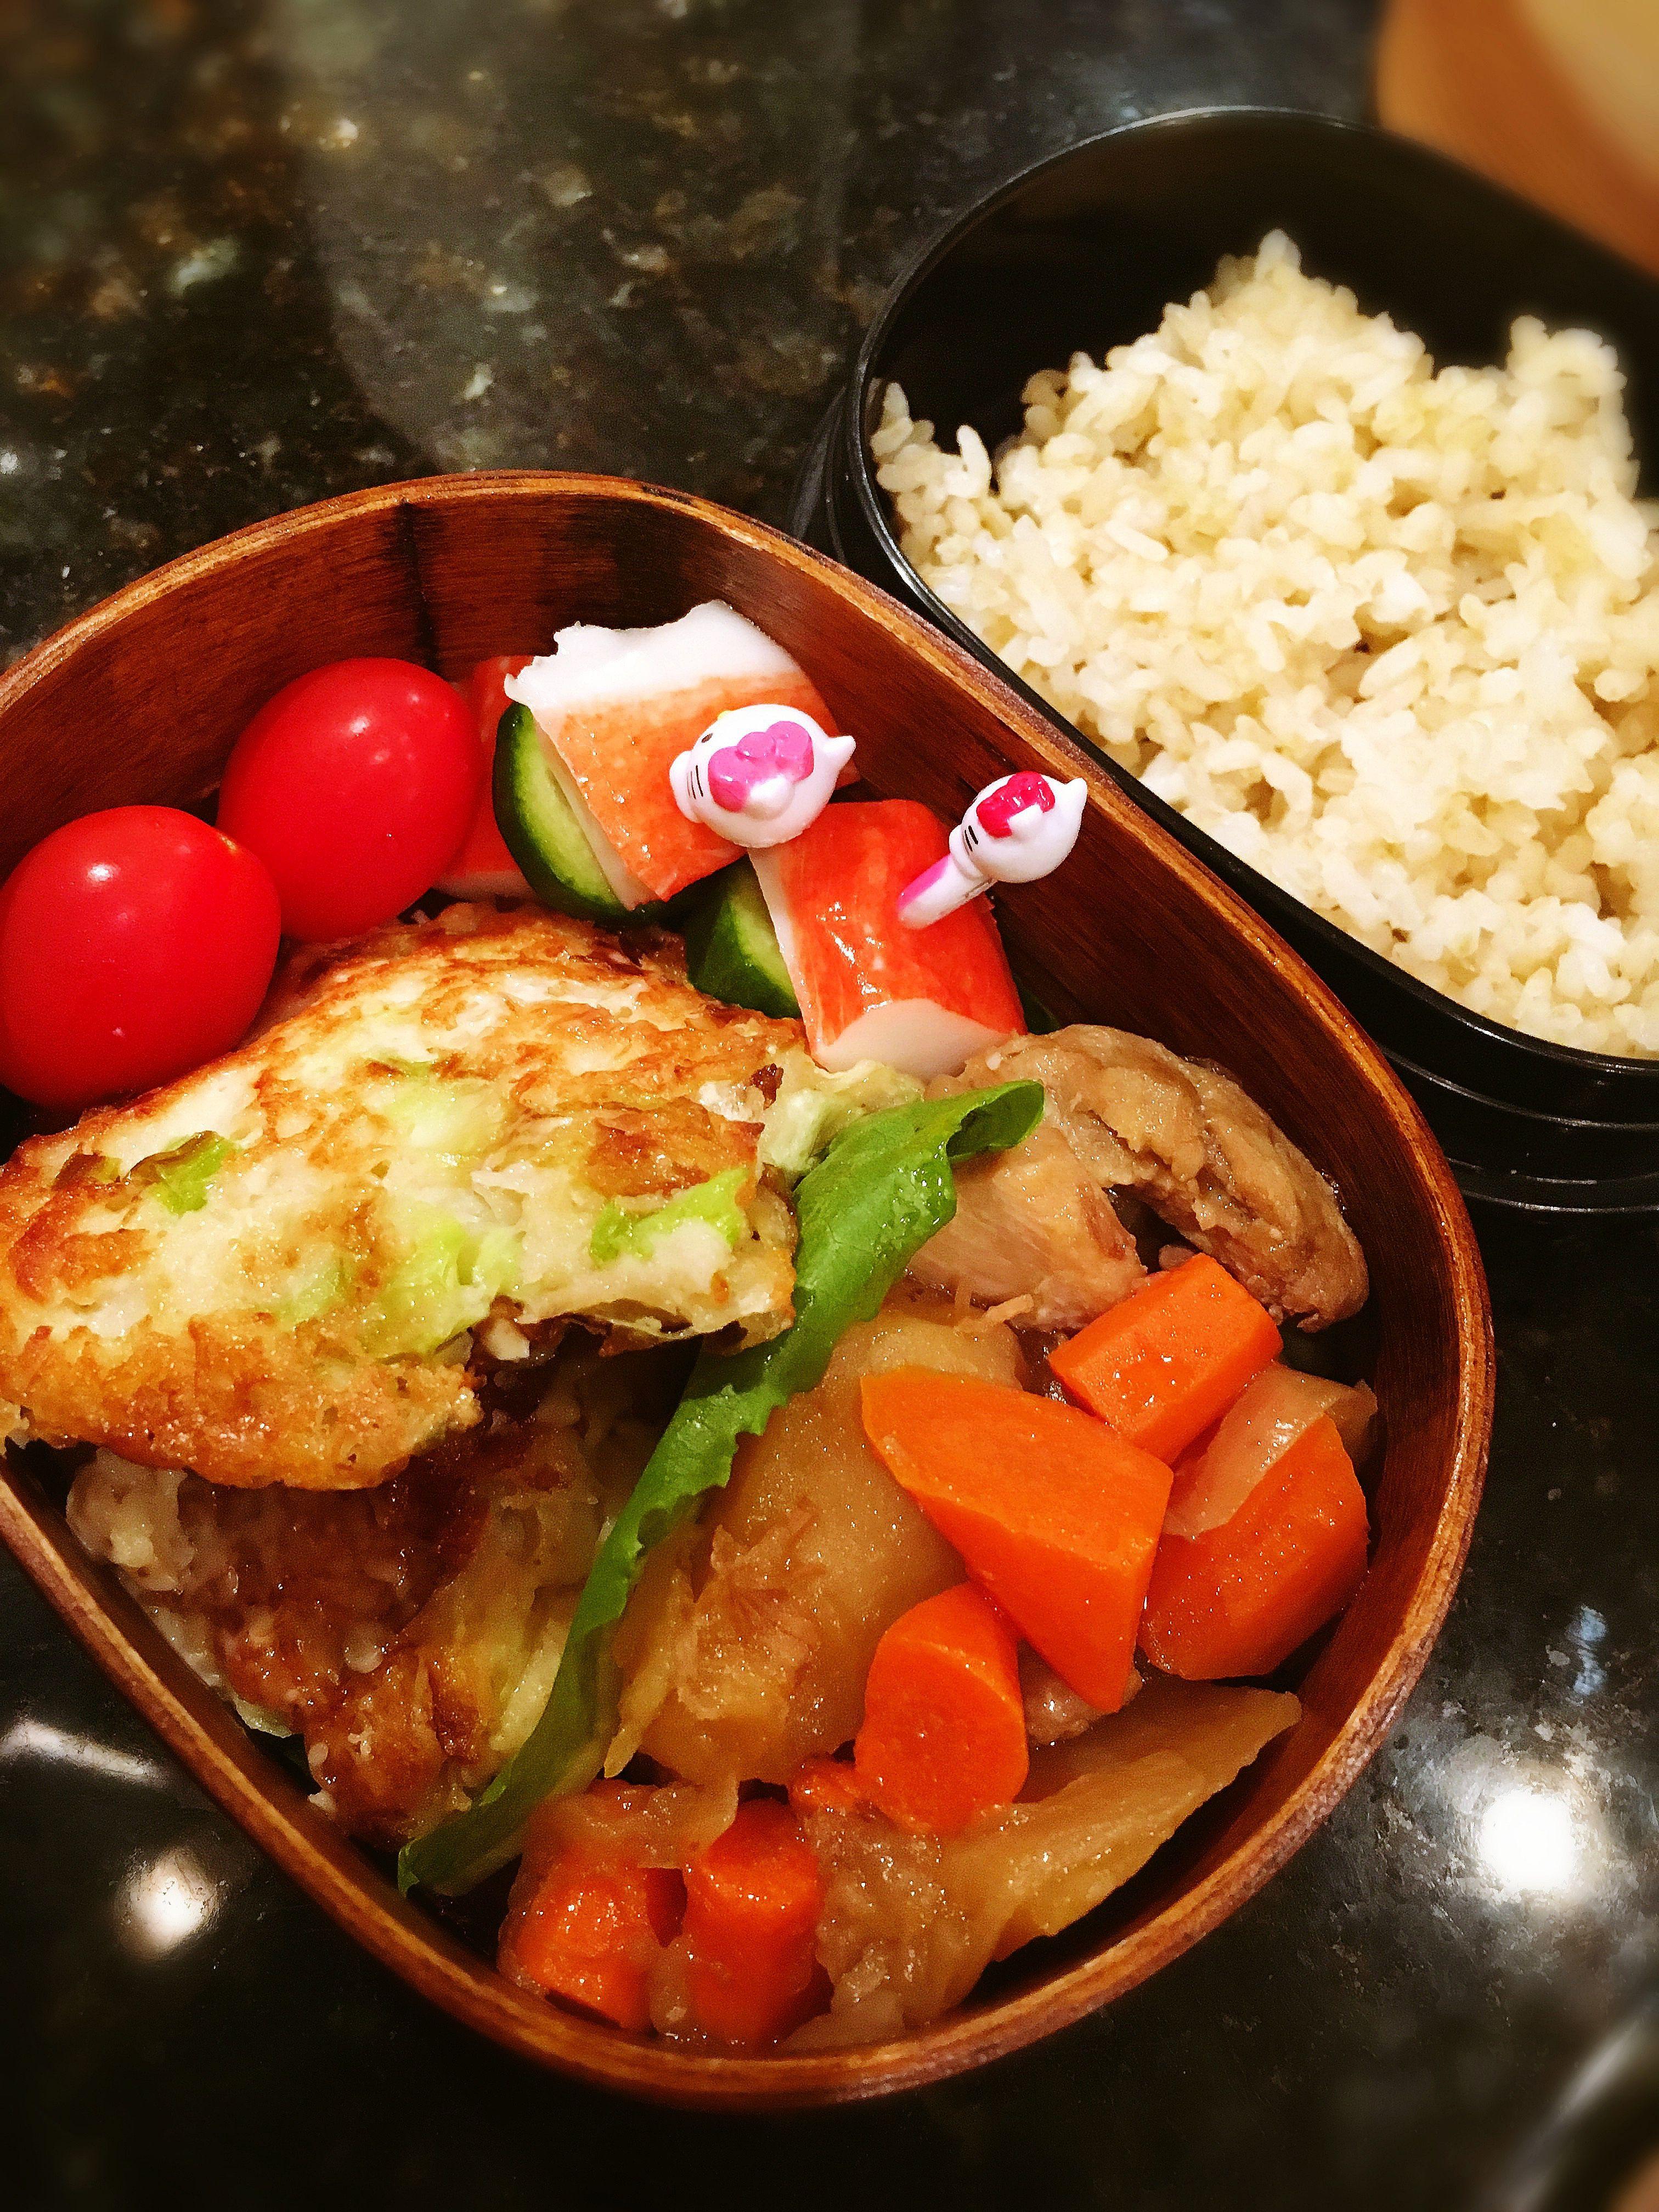 肉じゃがおやき弁当 Meat and potato stew, cabbage, green onion and yam pancake, fake crab and cucumber skewer, cherry tomatoes.